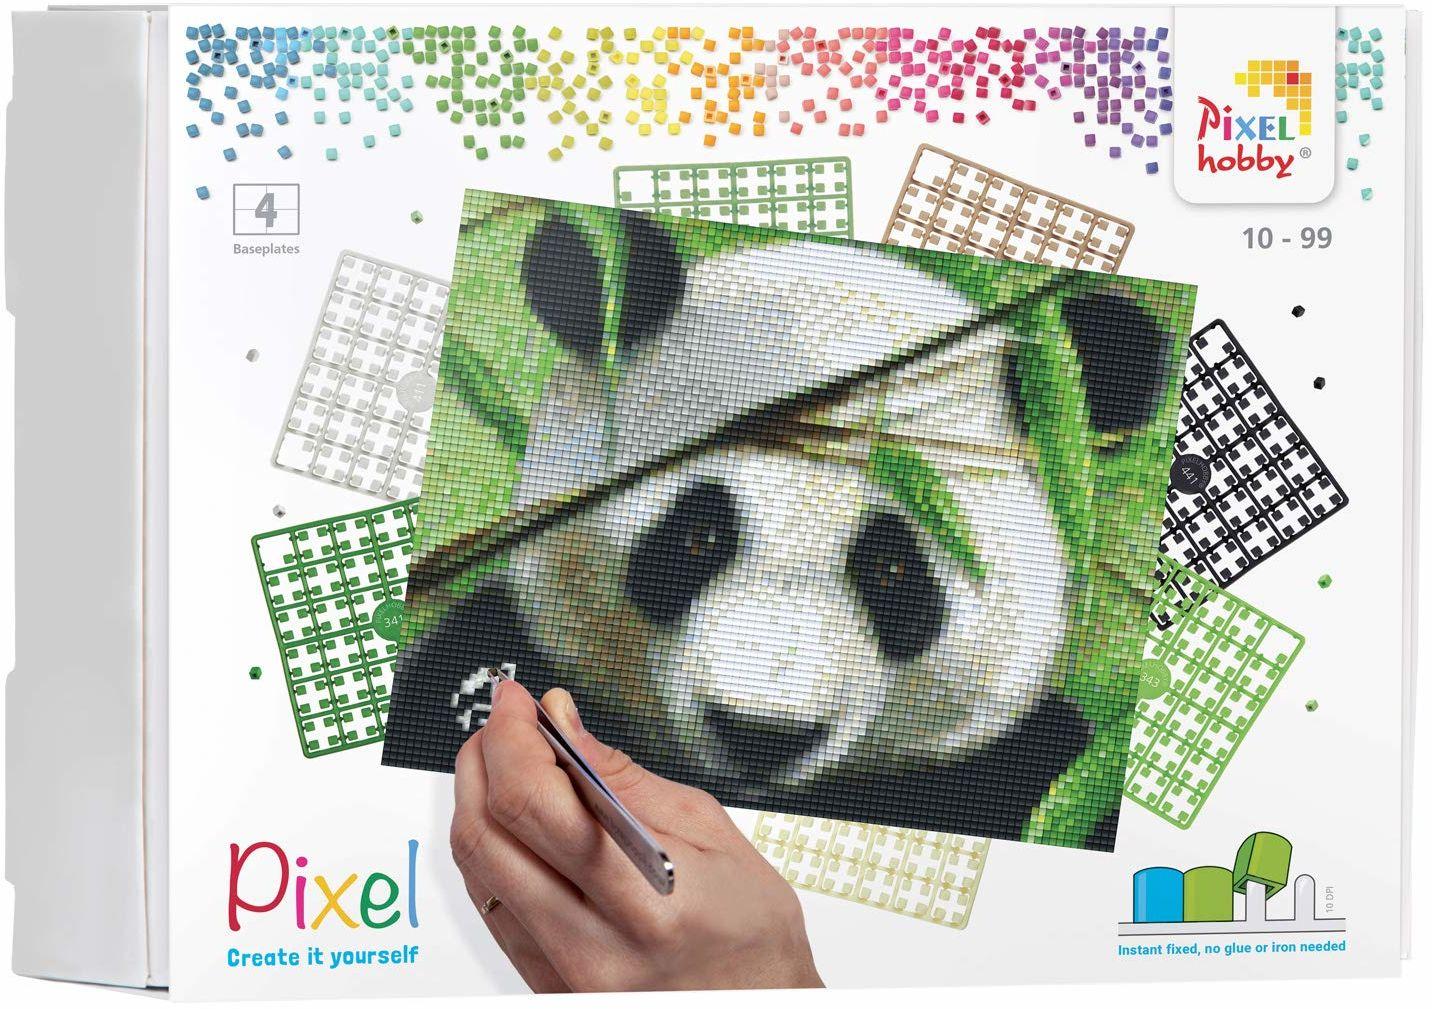 Pixel P090040 Mozaika opakowanie prezentowe Panda. Obraz pikseli około 25,4 x 20,3 cm rozmiar do tworzenia dla dzieci i dorosłych, kolorowy